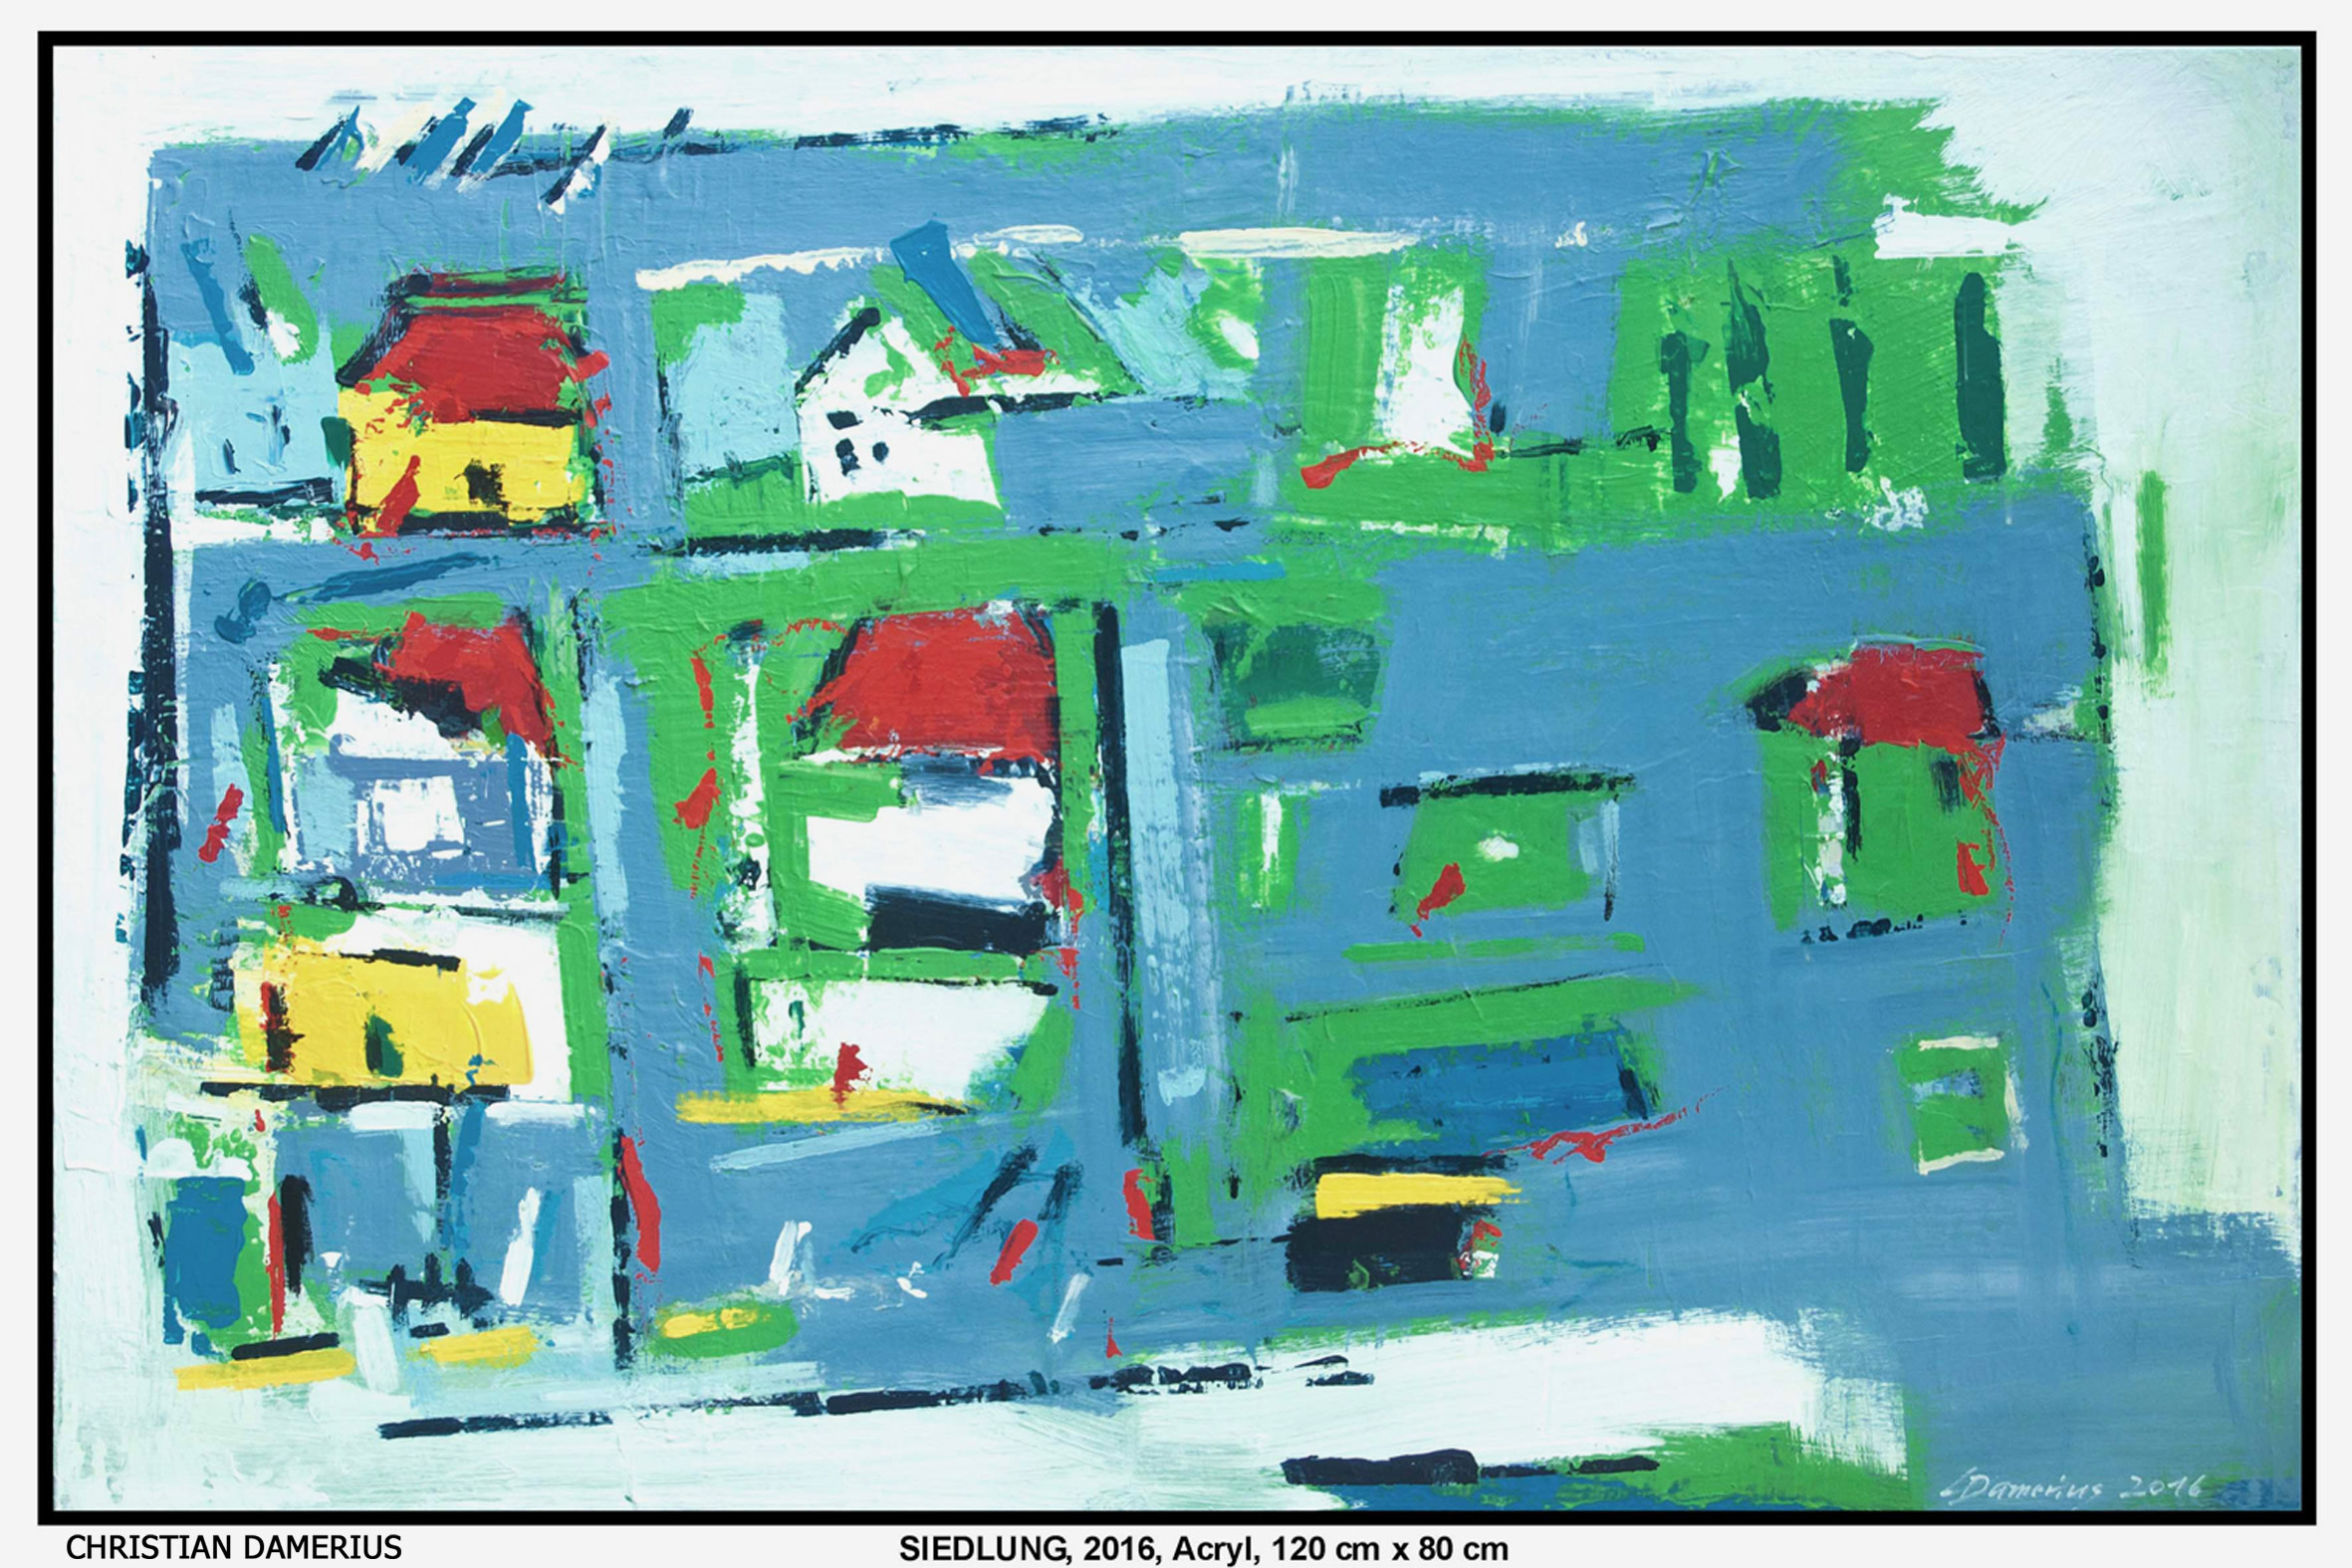 christian damerius moderne malerei hamburg moderne landschaftsmalerei kunstdrucke malerei. Black Bedroom Furniture Sets. Home Design Ideas